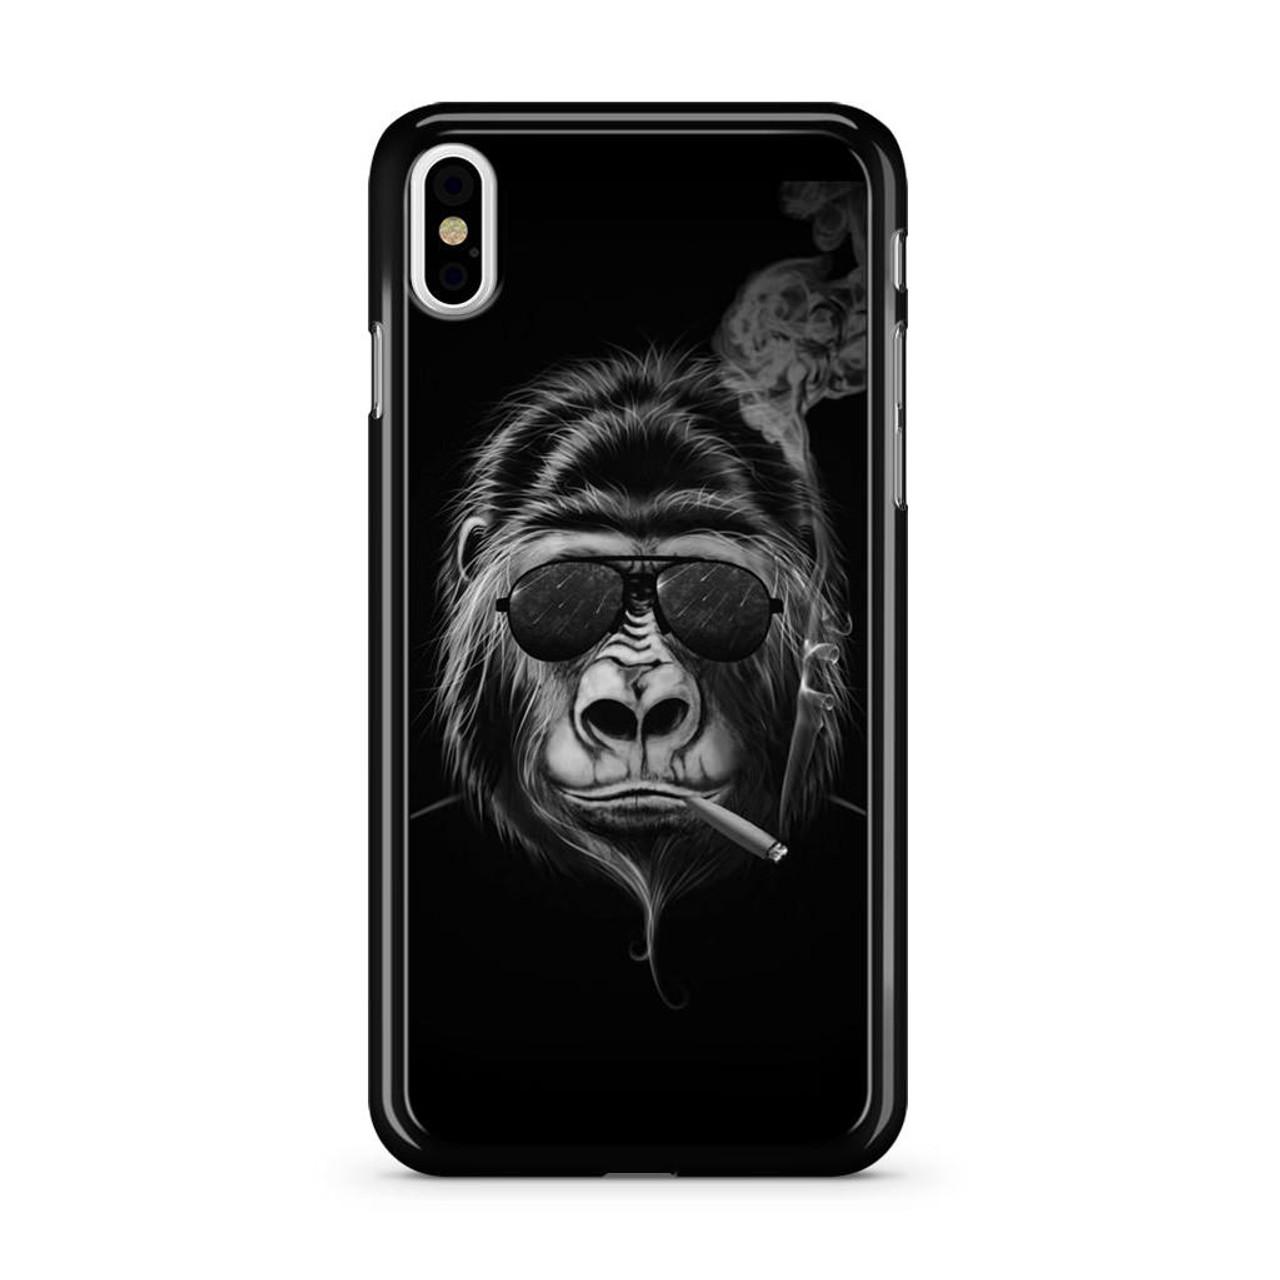 sale retailer 3cdc5 1dbd6 Badass Gorilla iPhone X Case